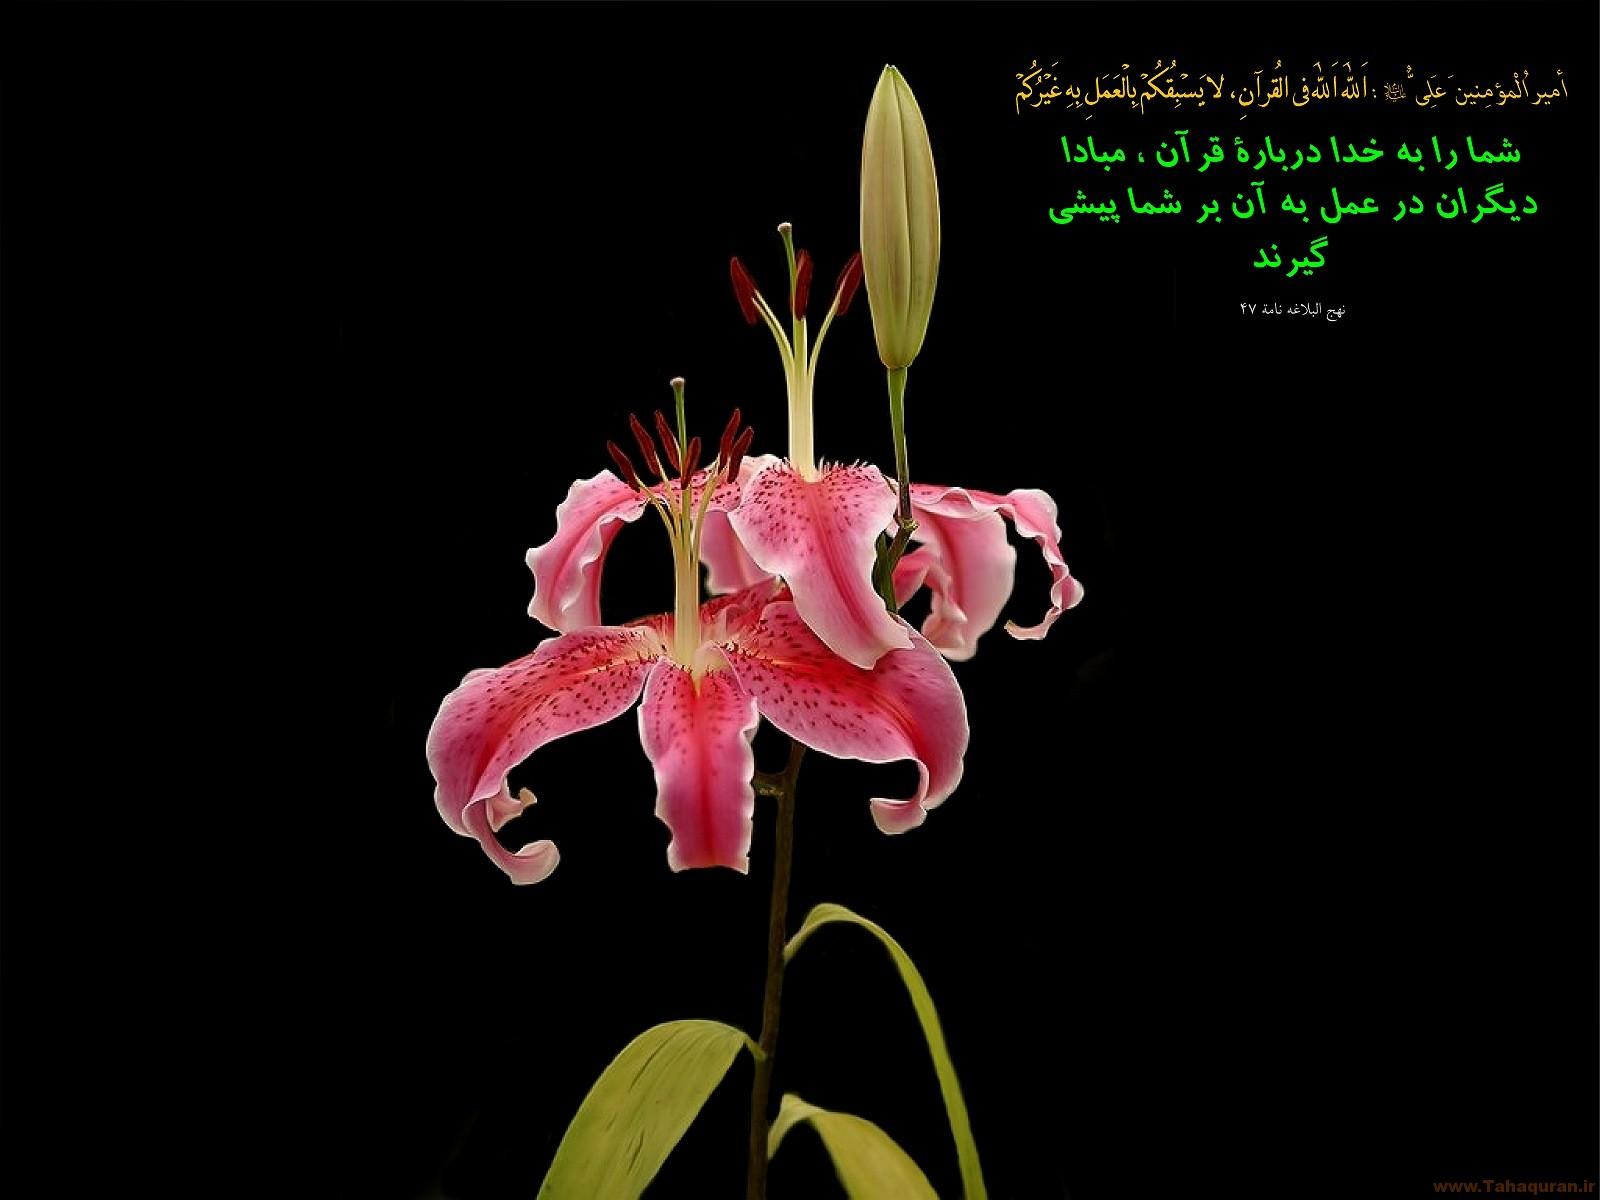 Image result for تصویر برای عمل به قرآن